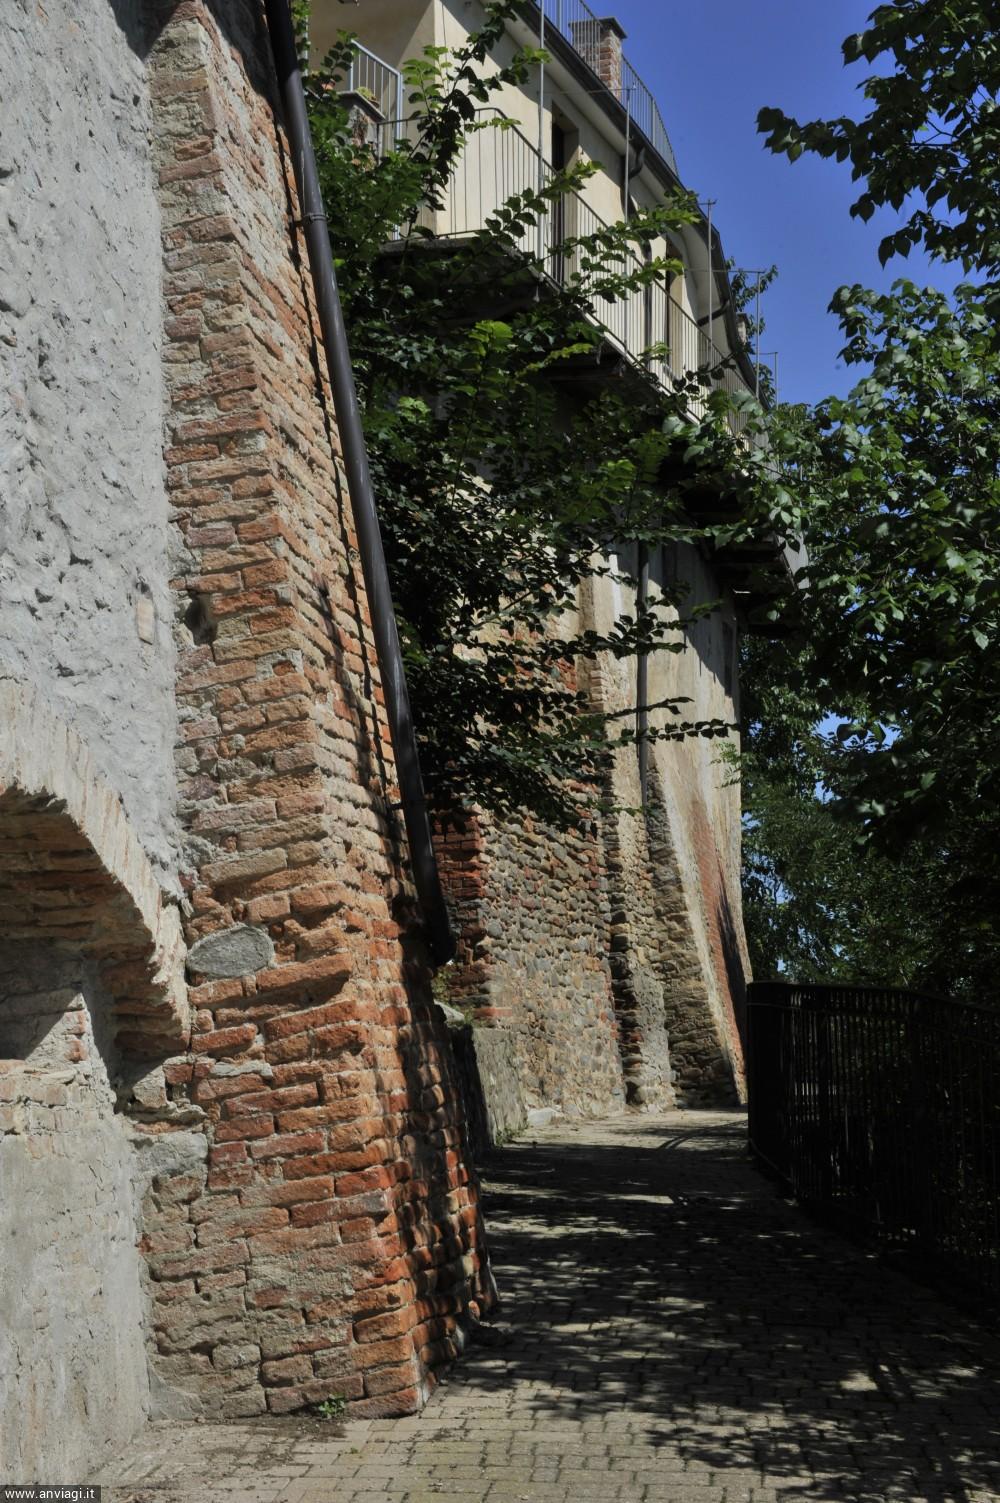 Strada lungo le mura del castello di Barolo. <span class='photo-by'>Photo: Giulio Morra.</span>